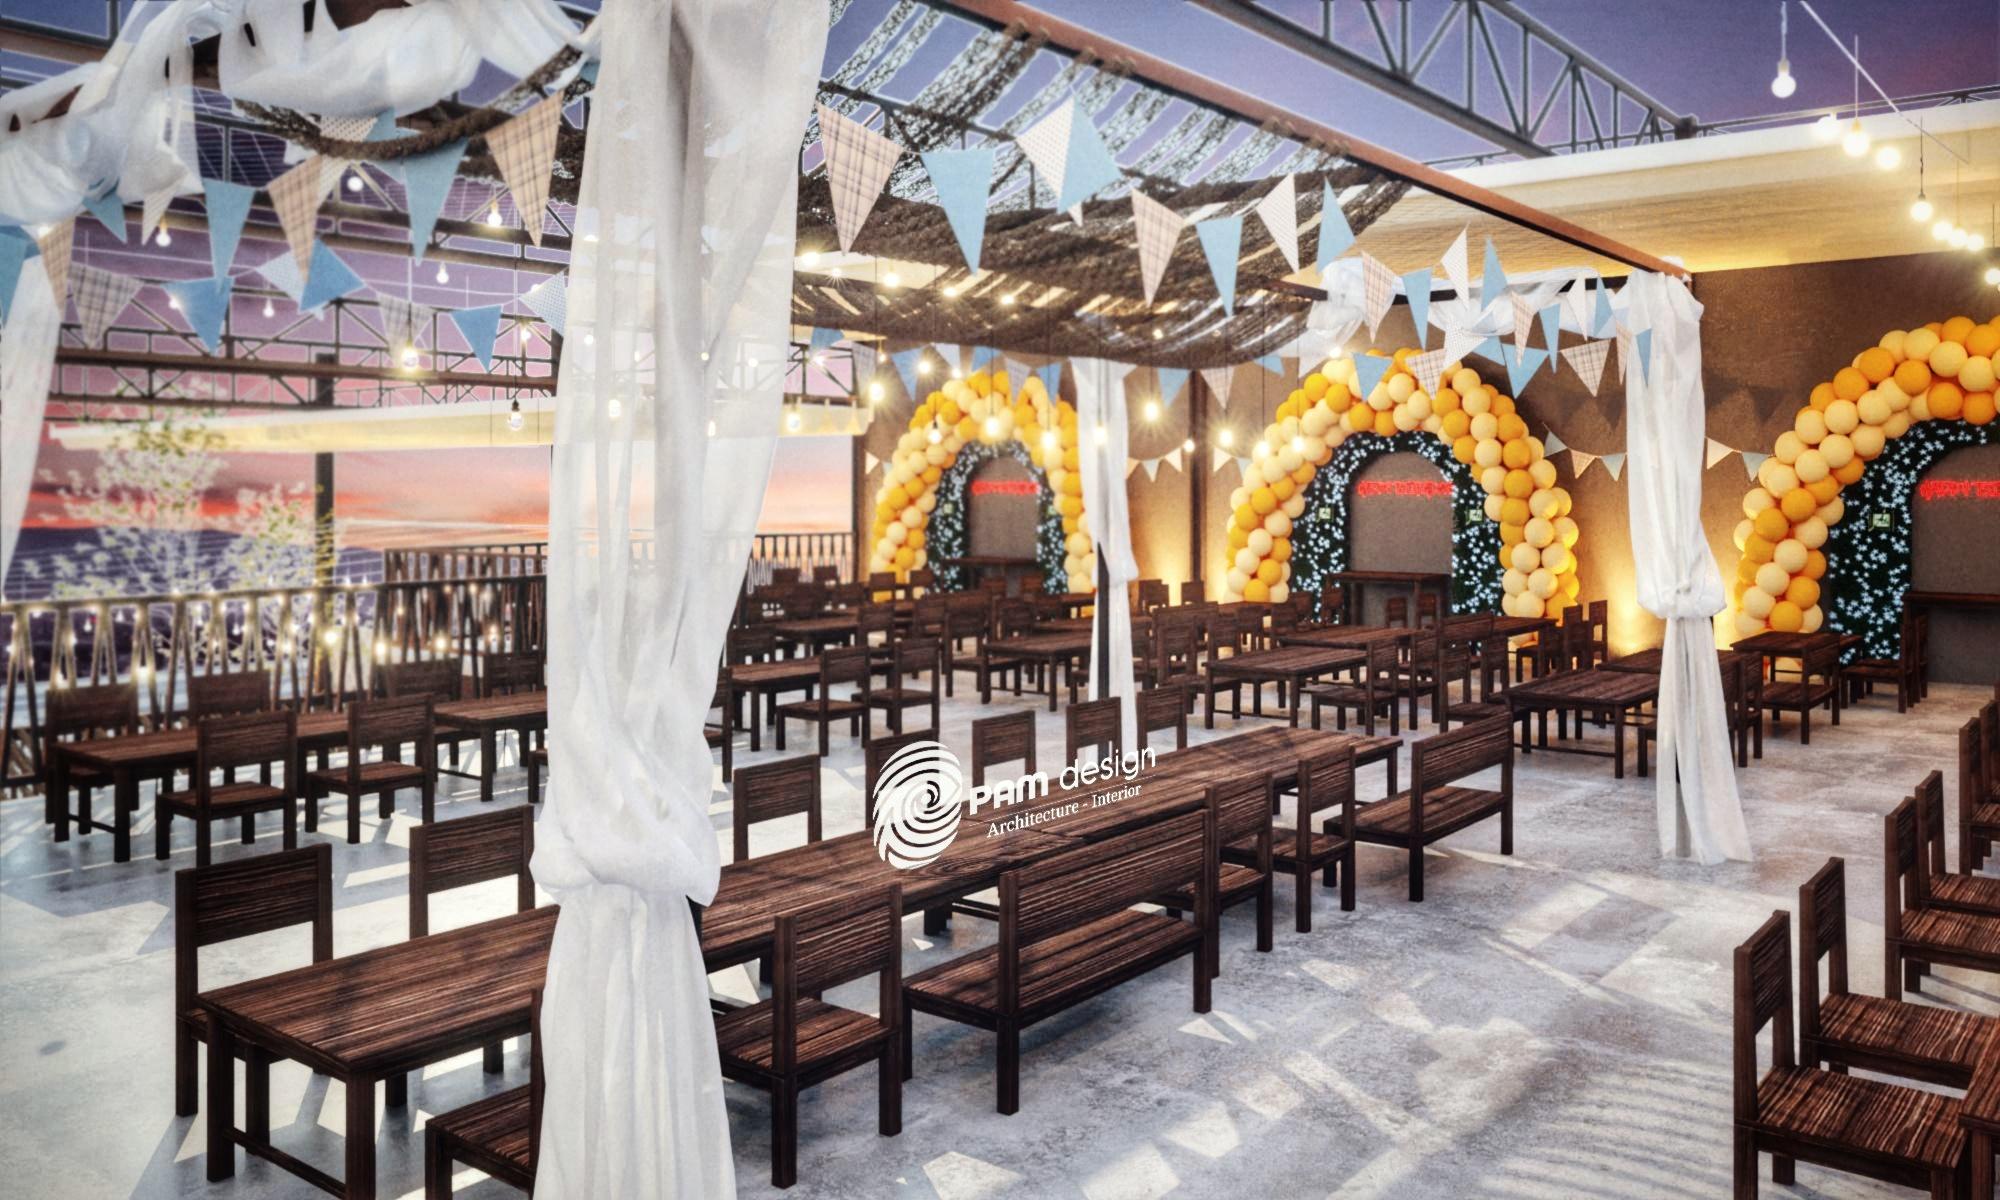 thiết kế nội thất Cafe tại Đà Nẵng Quán nhậu MẼO 3 1568195498